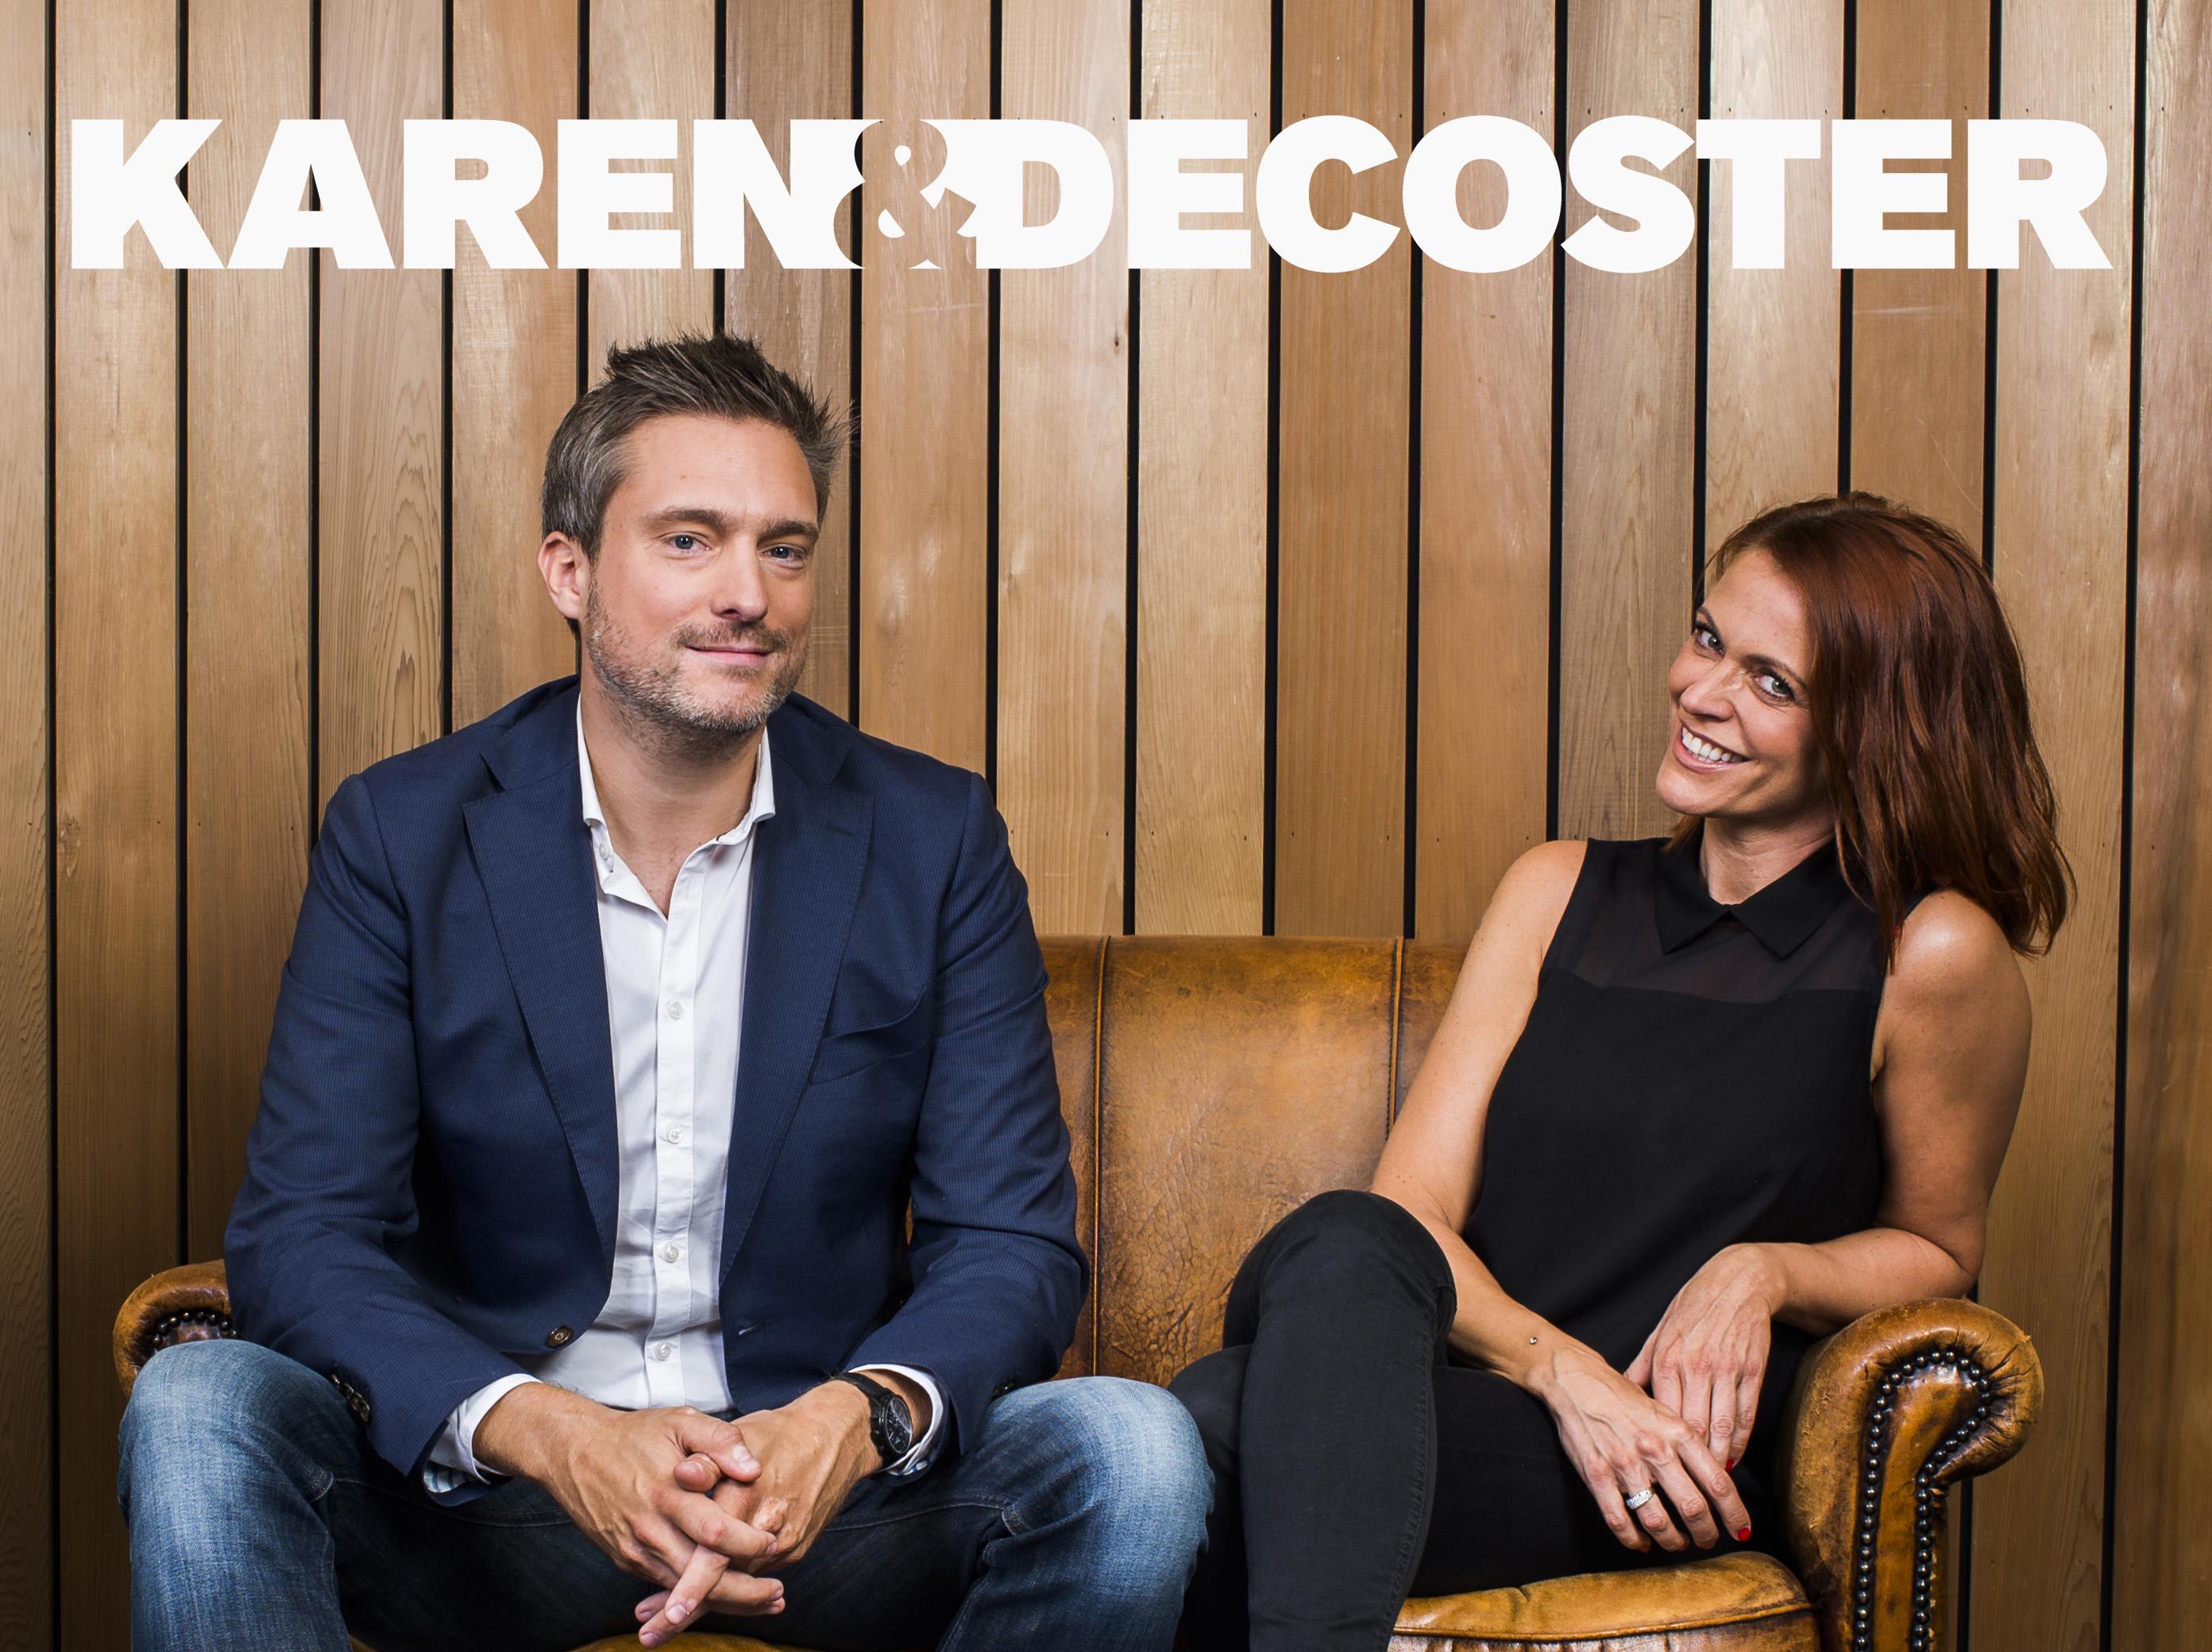 Karen & De Coster